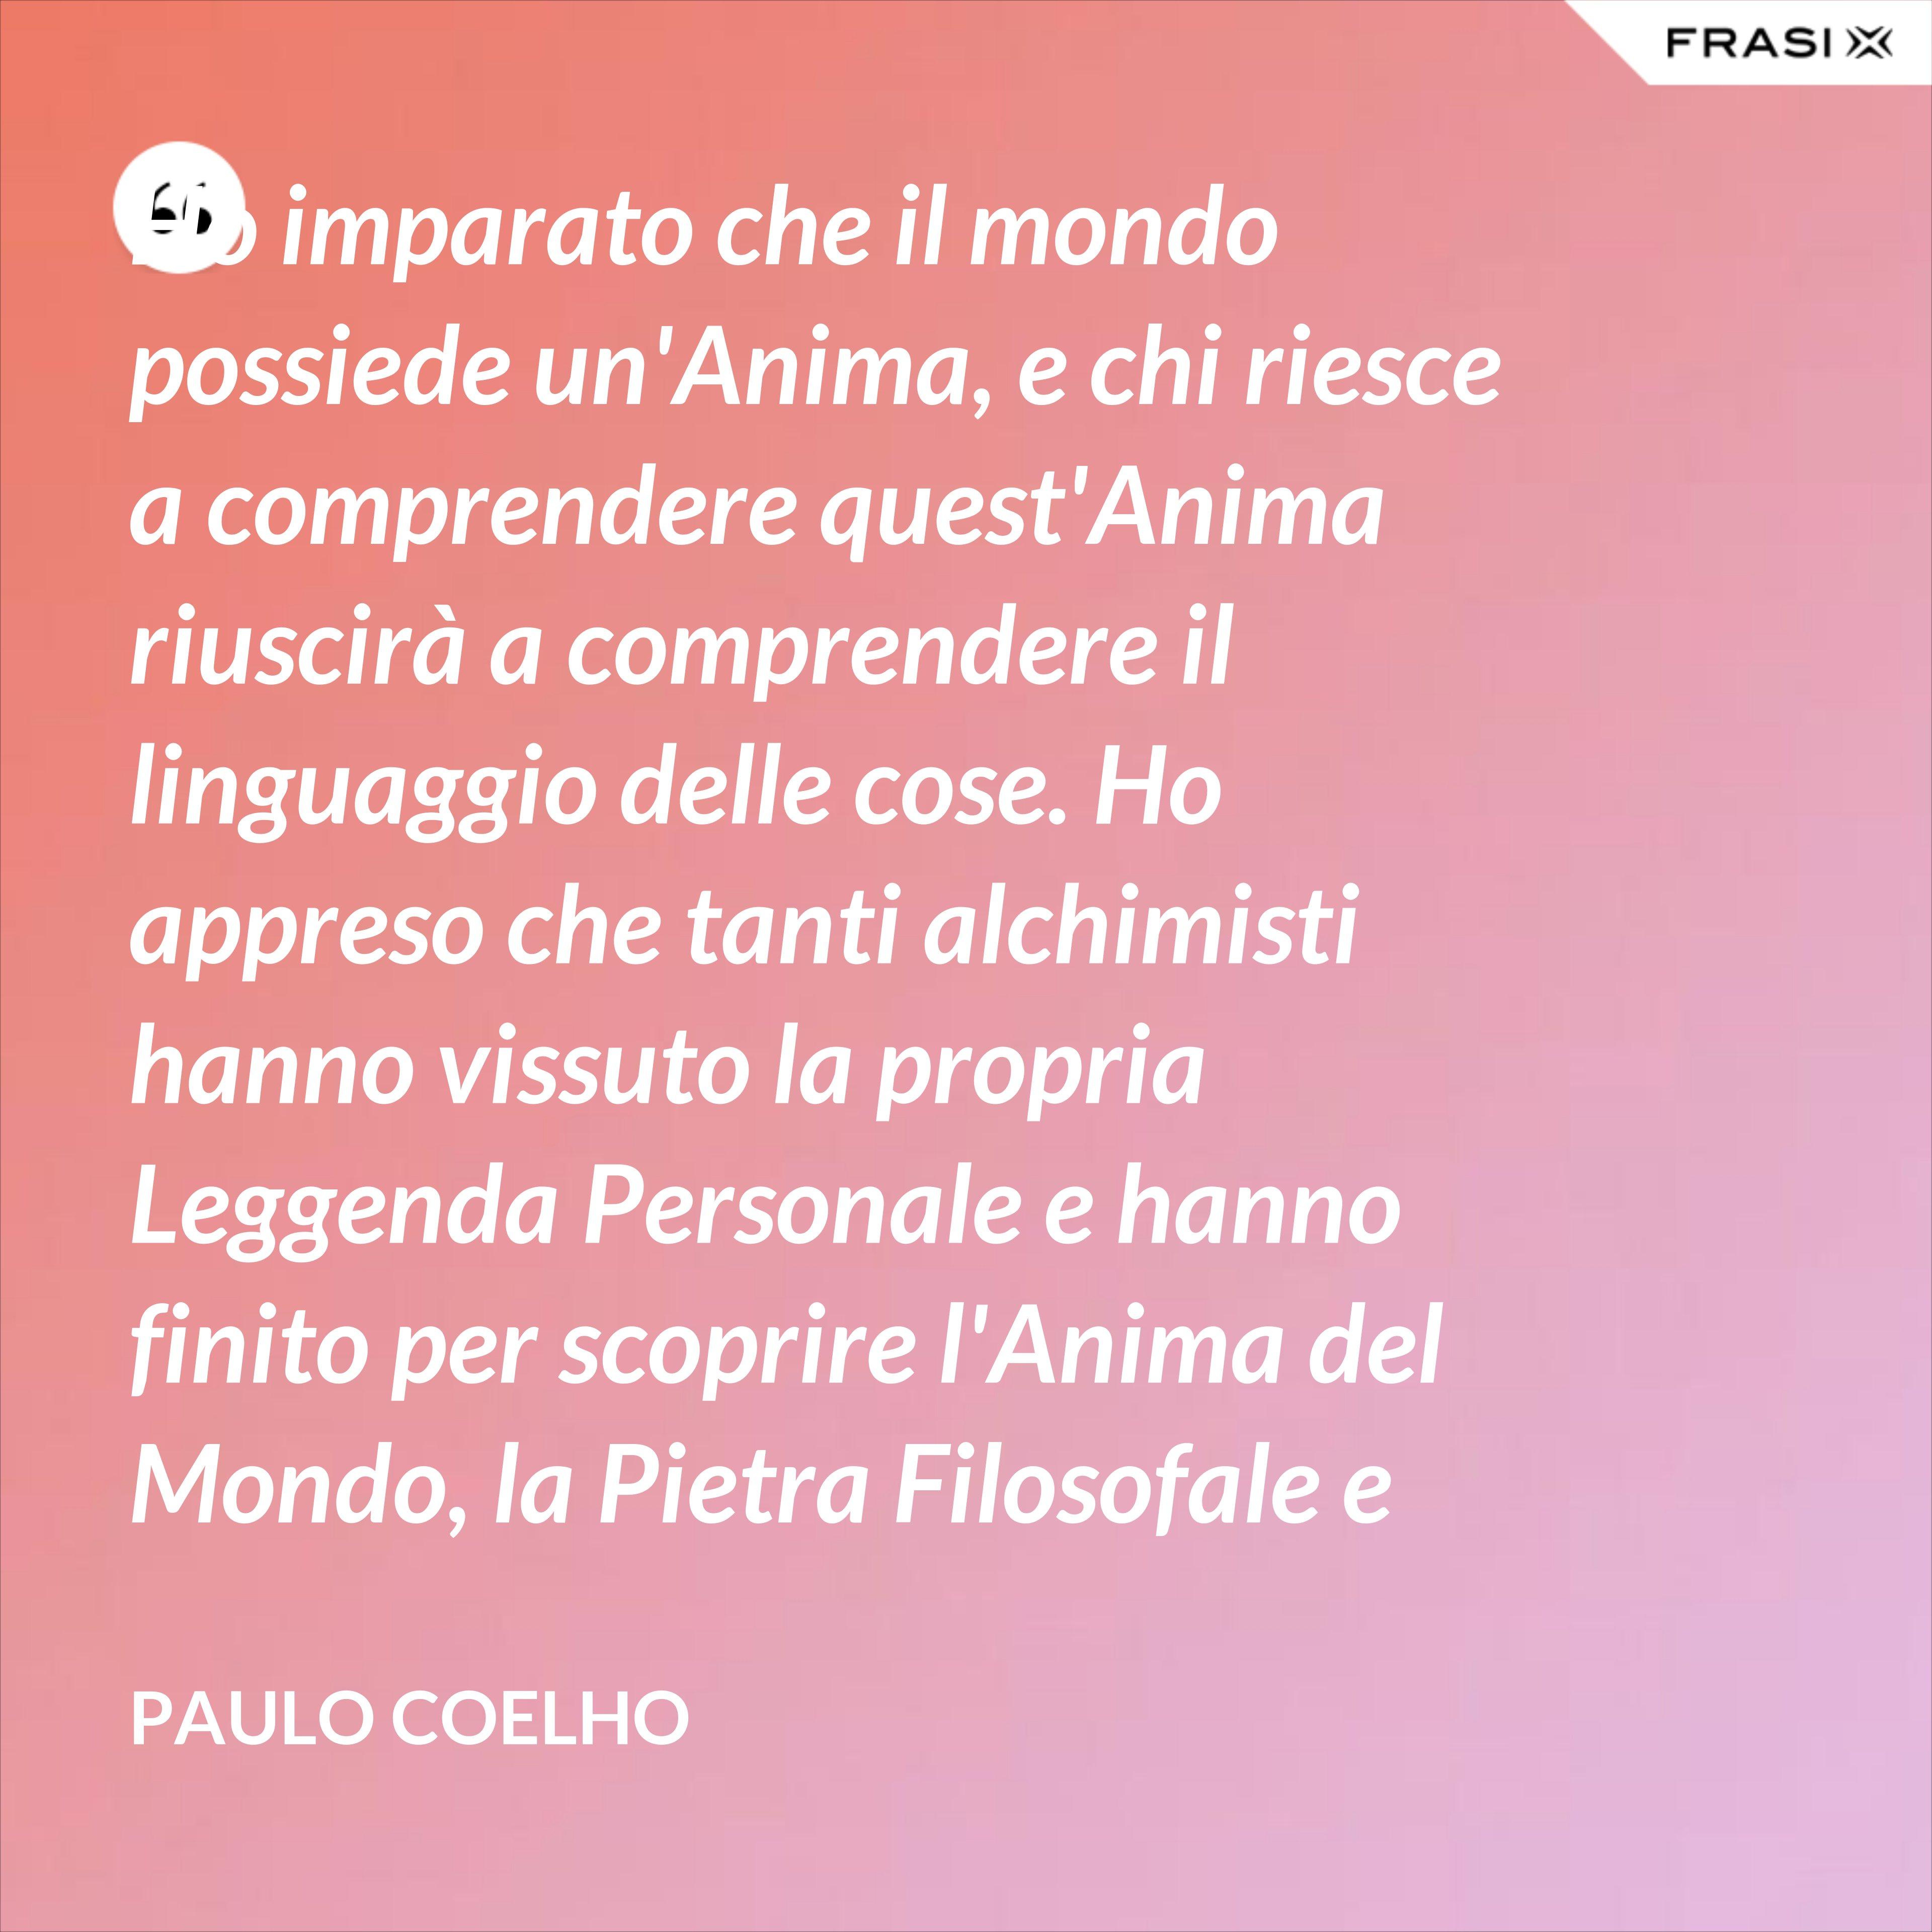 Ho imparato che il mondo possiede un'Anima, e chi riesce a comprendere quest'Anima riuscirà a comprendere il linguaggio delle cose. Ho appreso che tanti alchimisti hanno vissuto la propria Leggenda Personale e hanno finito per scoprire l'Anima del Mondo, la Pietra Filosofale e l'Elisir. Ma, soprattutto, ho appreso che queste cose sono talmente semplici da poter essere scritte su uno smeraldo. - Paulo Coelho